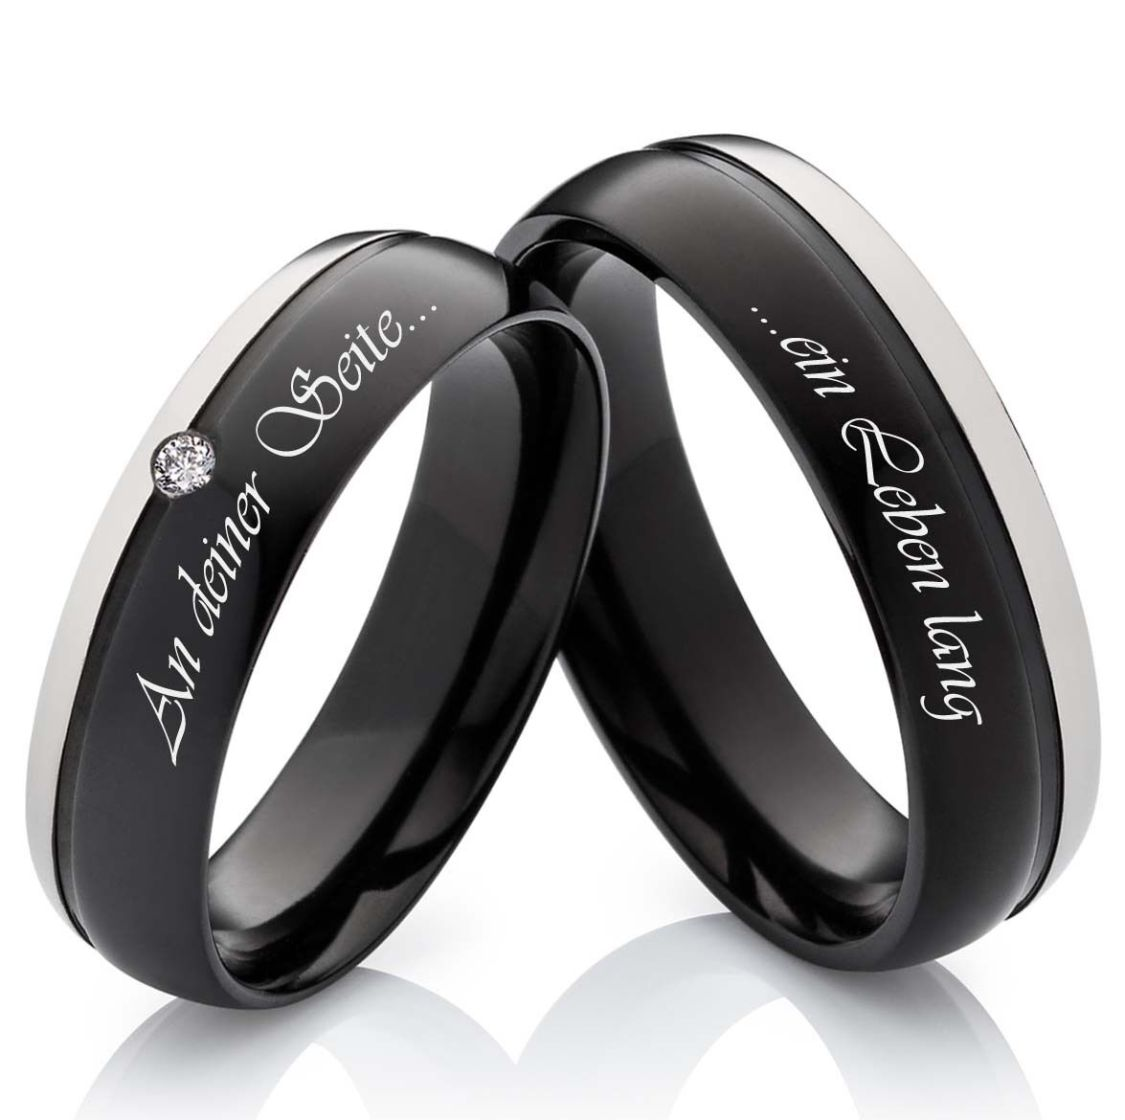 2 Eheringe Verlobungsringe aus Titan schwarz mit Zirkonia und Lasergravur  H116